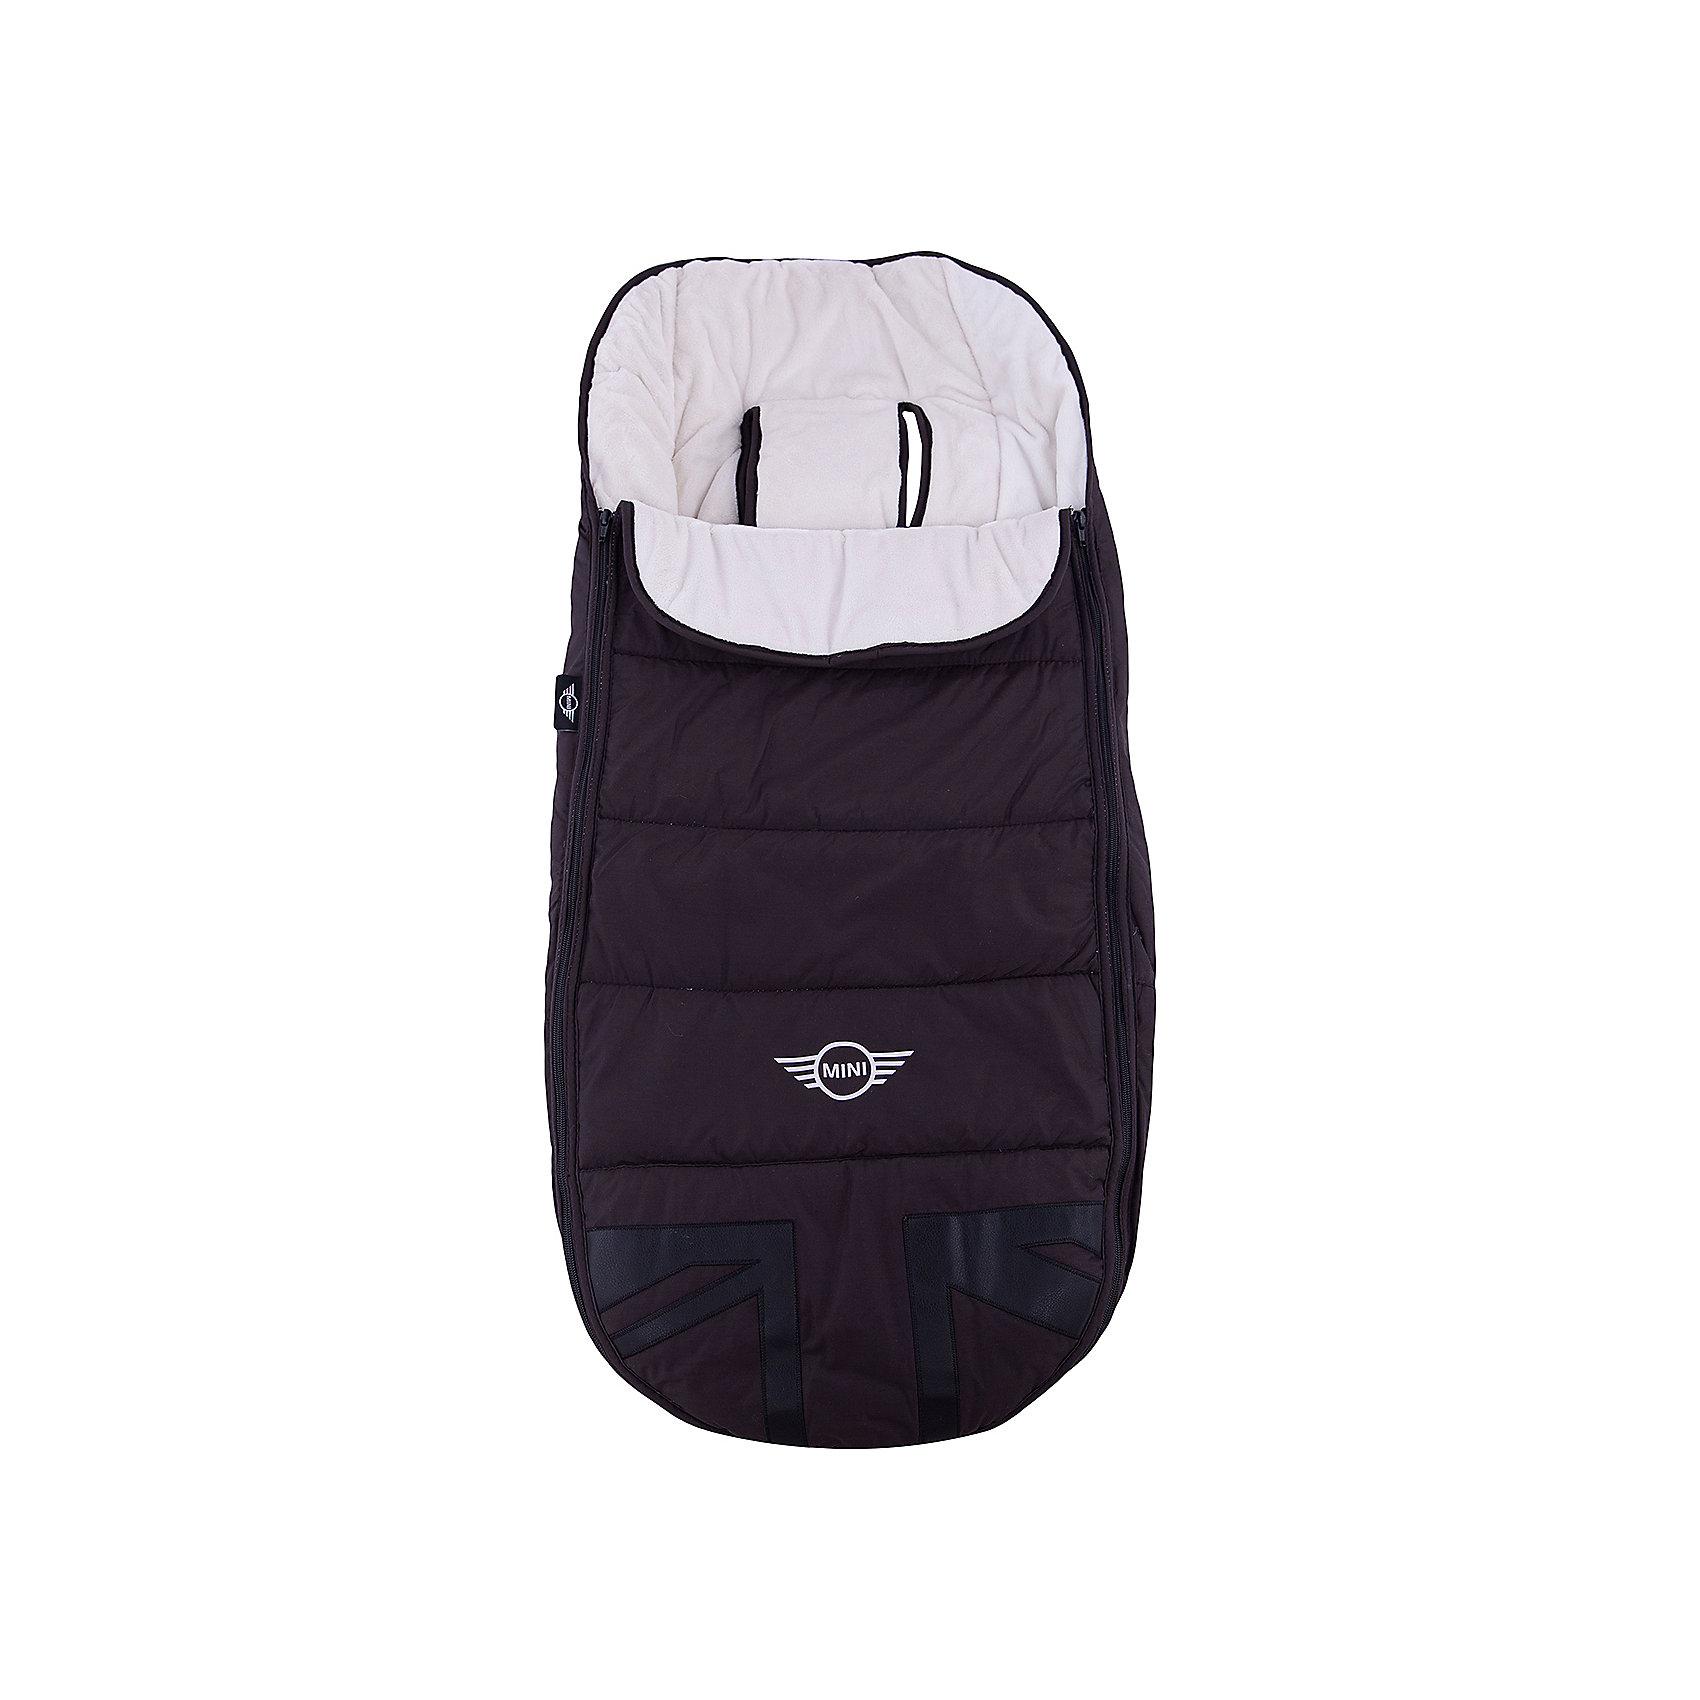 Конверт в коляску MINI, Easywalke, Midnight JackДемисезонные конверты<br>Характеристики:<br><br>• подходит для колясок Easywalke MINI;<br>• ткань 100% полиэстер с водоотталкивающей пропиткой;<br>• мягкая хлопковая ткань внутри конверта;<br>• флисовая подкладка;<br>• конверт застегивается на молнию – 2 боковые молнии;<br>• прорези для ремней безопасности;<br>• можно использовать как матрасик;<br>• размер конверта-муфты: 93х47 см.<br><br>Утепленный конверт на флисовой подкладке можно использовать в прогулочных блоках, люльках, колясках-санках и автокреслах. Две застежки-молнии расположены в боковой части конверта, обеспечивают быстрый доступ к ребенку.<br><br>Накидку на ноги в коляску MINI Midnight Jack, Easywalker можно купить в нашем интернет-магазине.<br><br>Ширина мм: 500<br>Глубина мм: 100<br>Высота мм: 300<br>Вес г: 1050<br>Возраст от месяцев: 0<br>Возраст до месяцев: 36<br>Пол: Унисекс<br>Возраст: Детский<br>SKU: 5613108